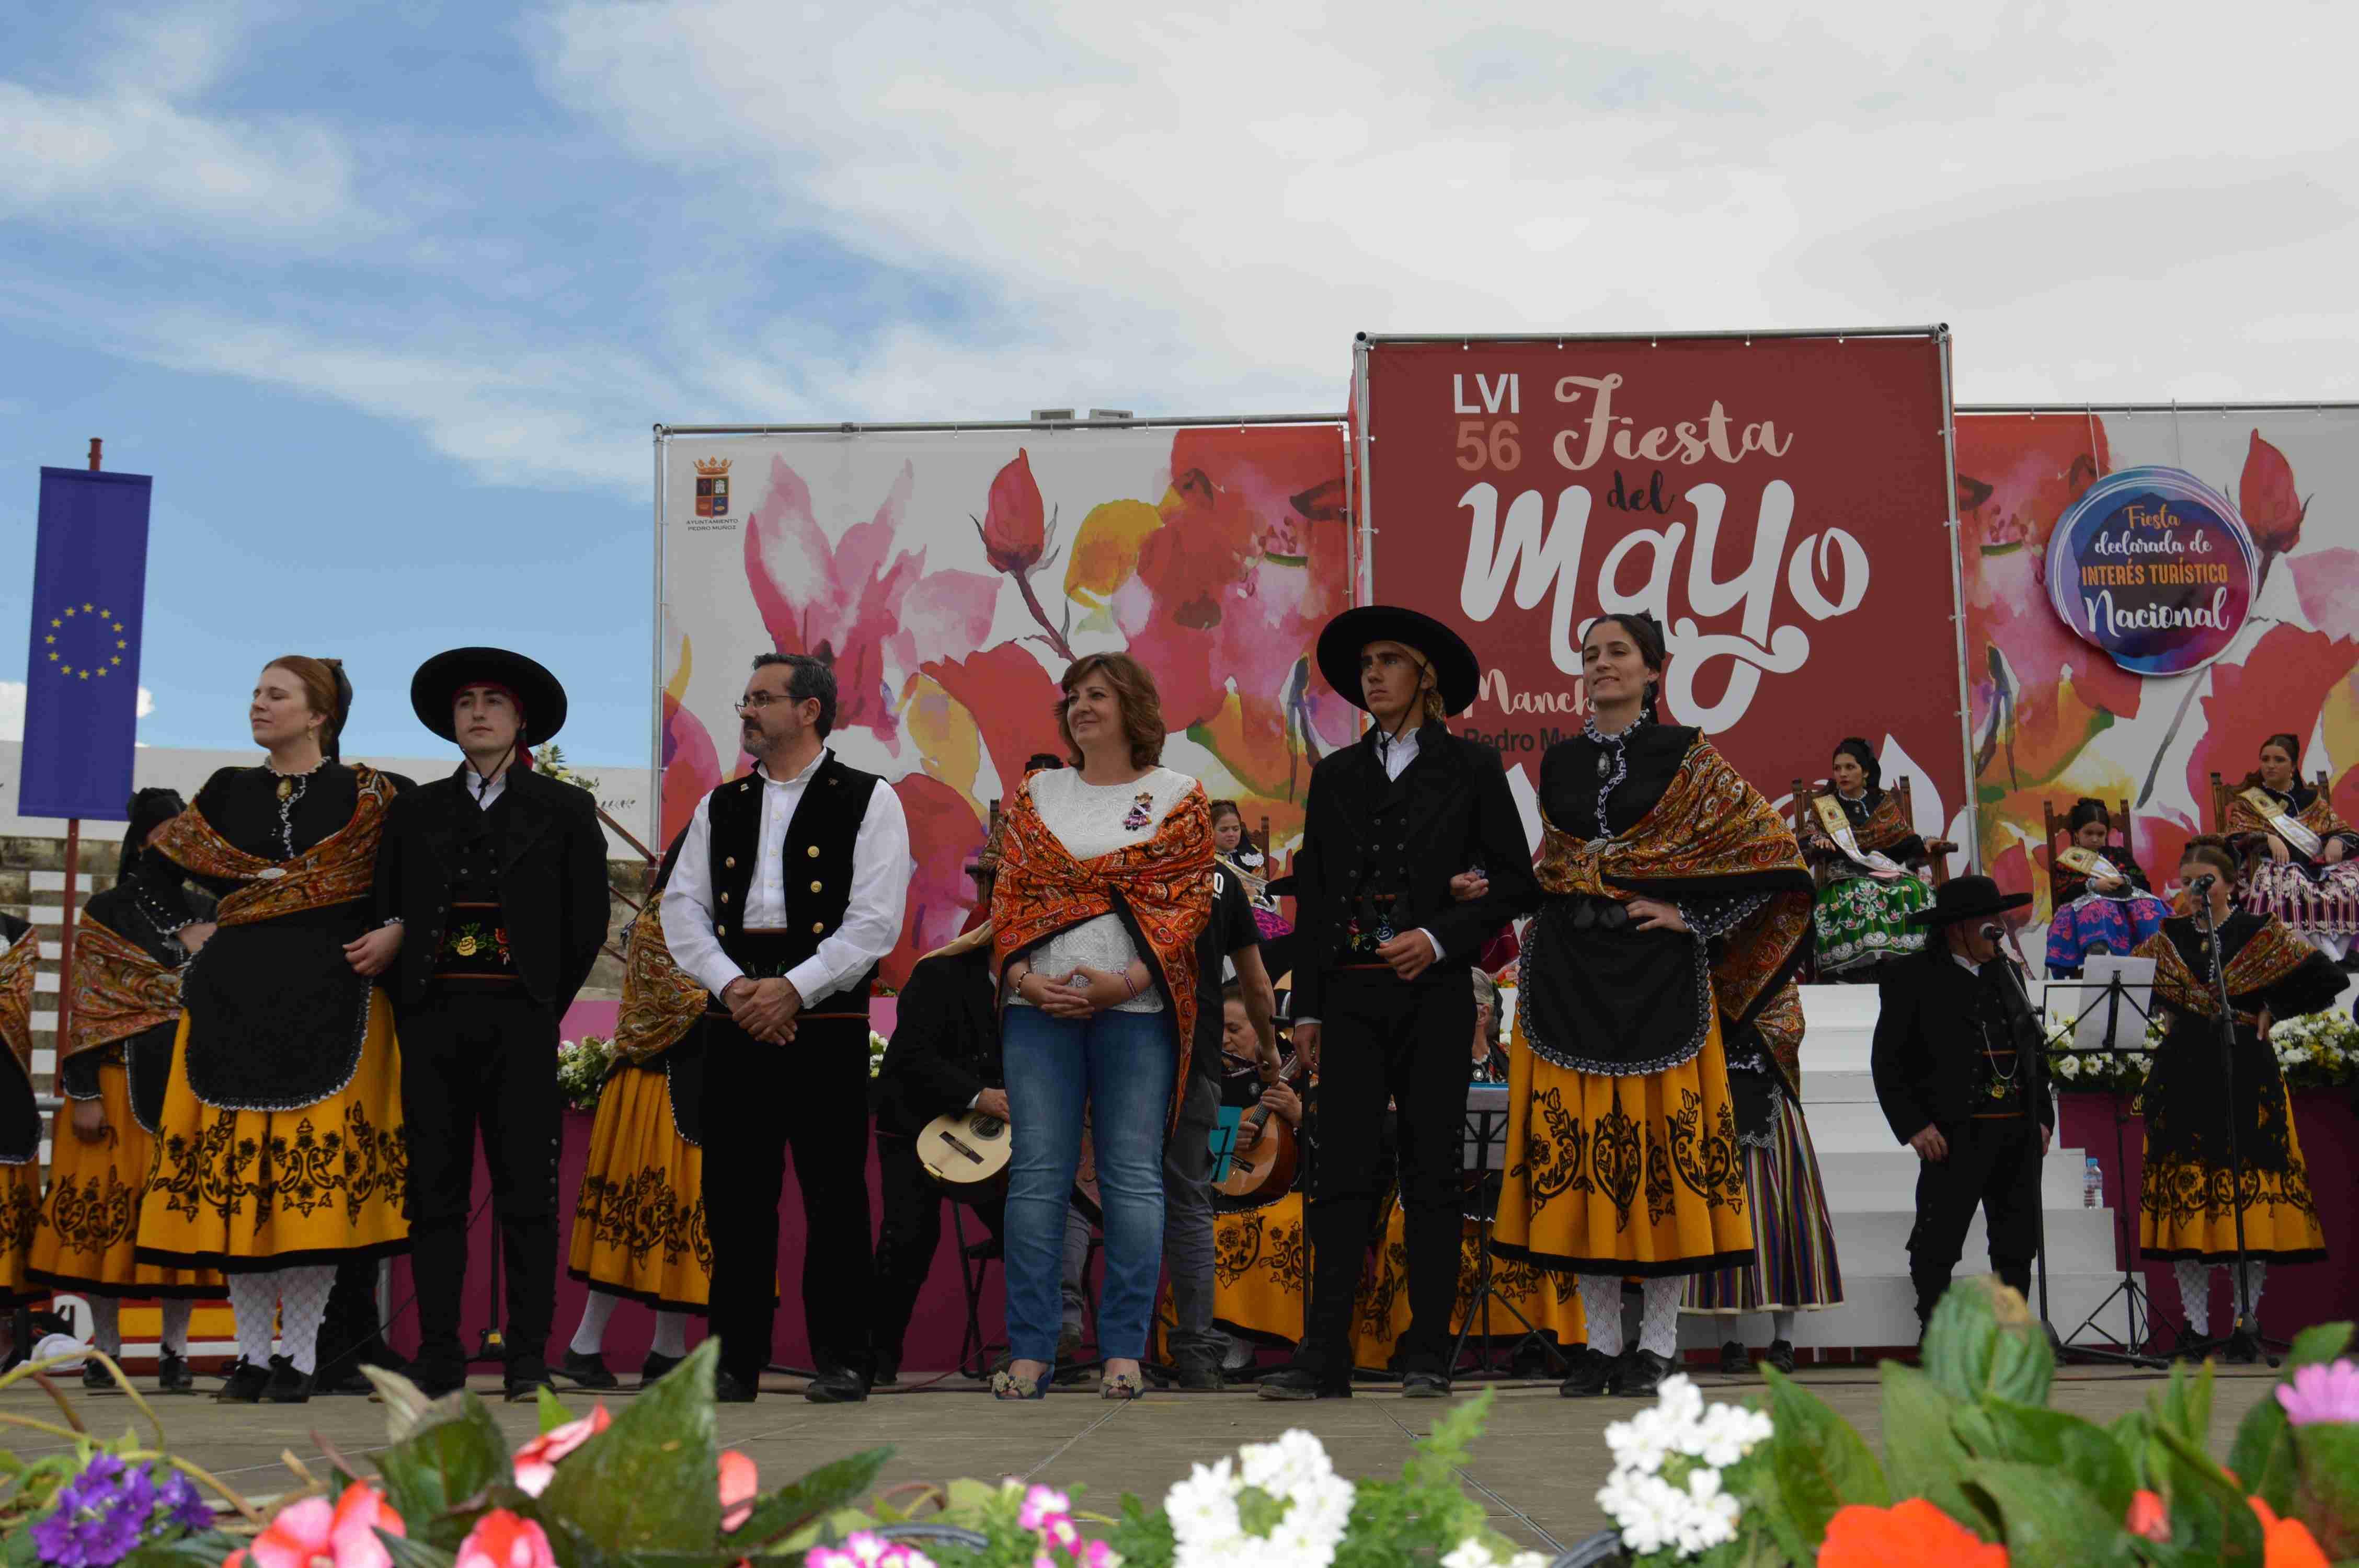 La consejera de Economía celebra la primera edición del Mayo Manchego de Pedro Muñoz con la declaración de Fiesta de Interés Turístico Nacional 2